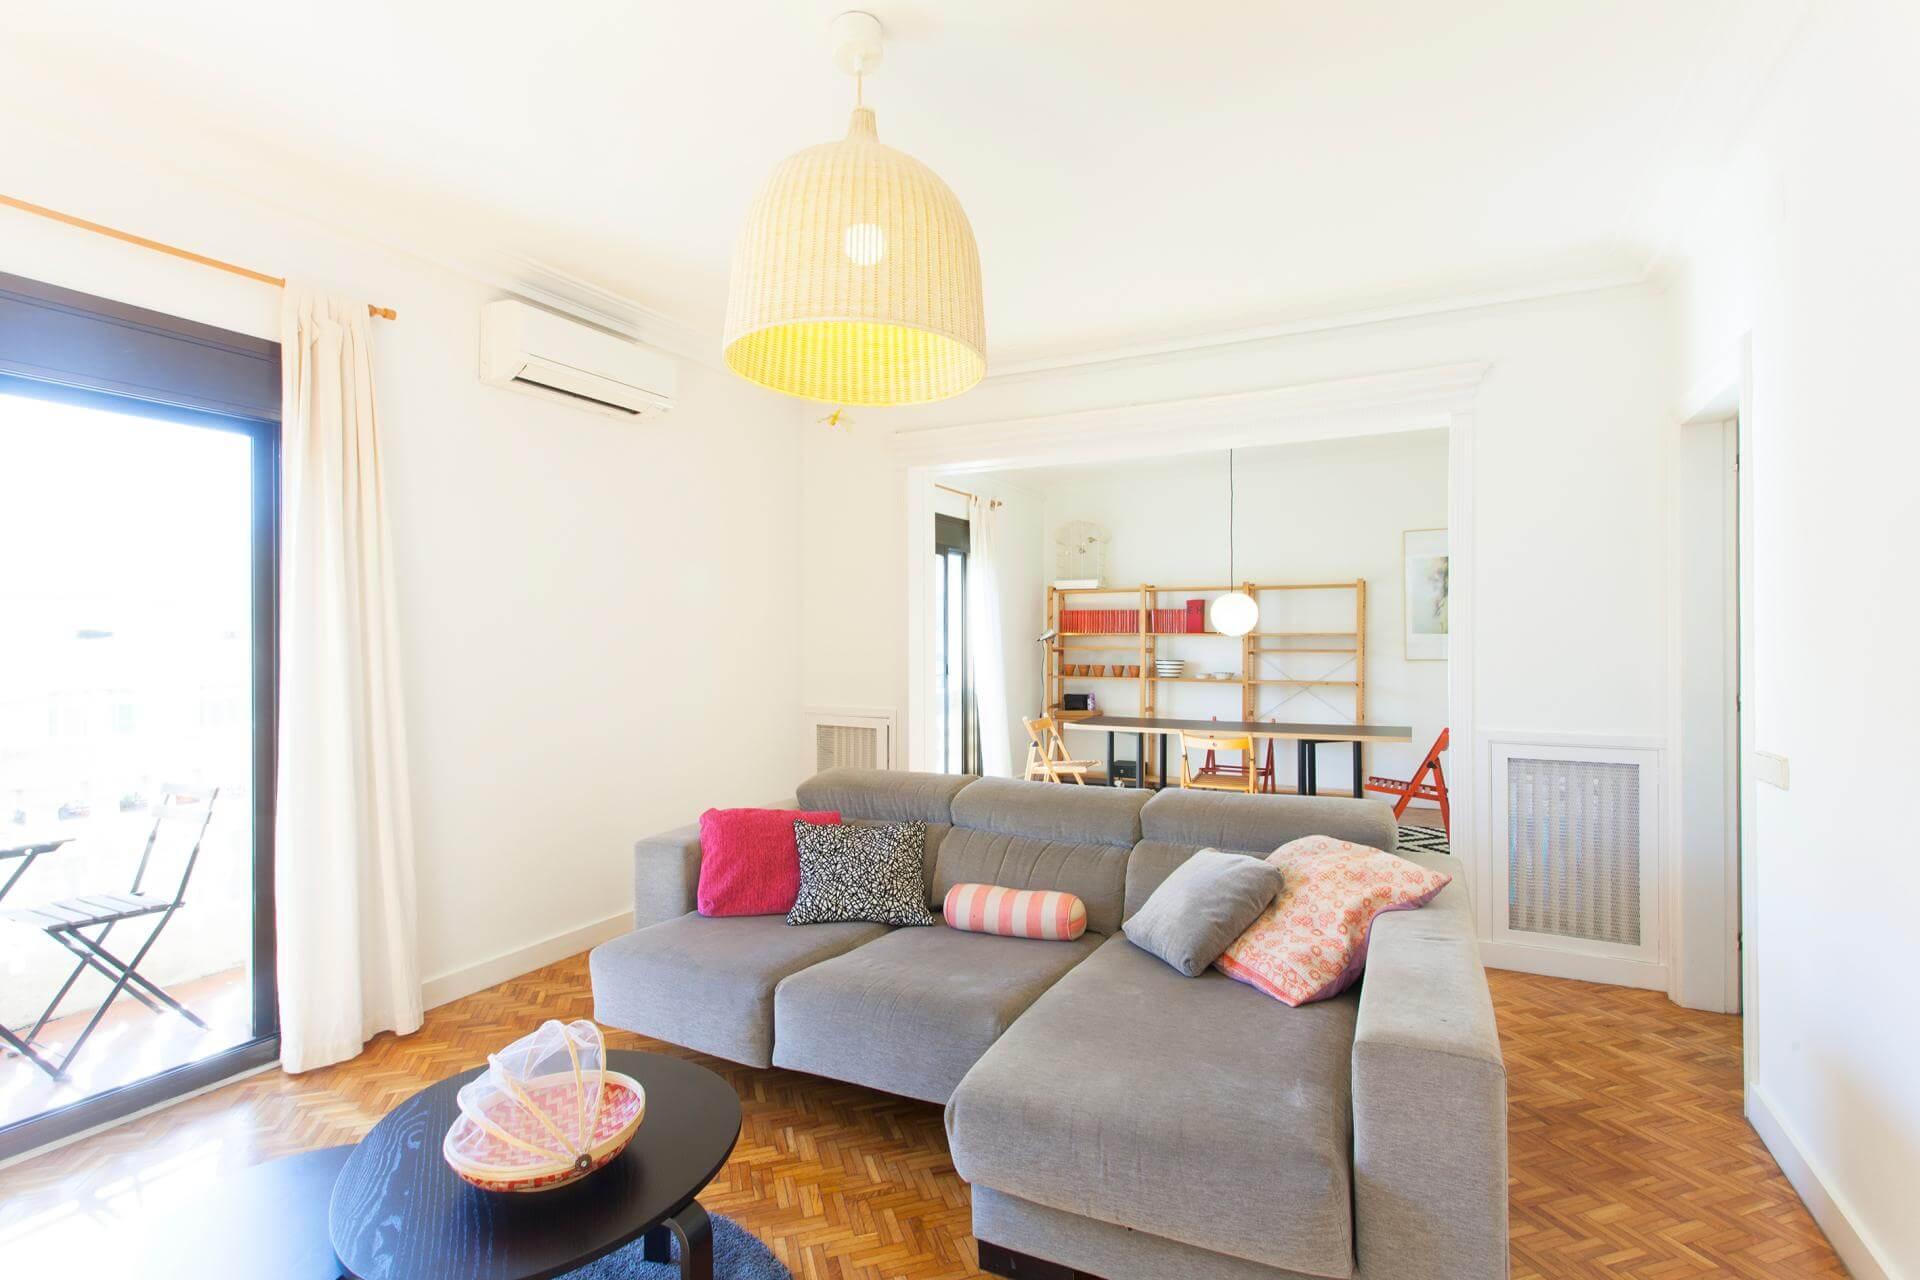 Shbarcelona piso en alquiler con vistas a sagrada familia - Piso alquiler sagrada familia ...